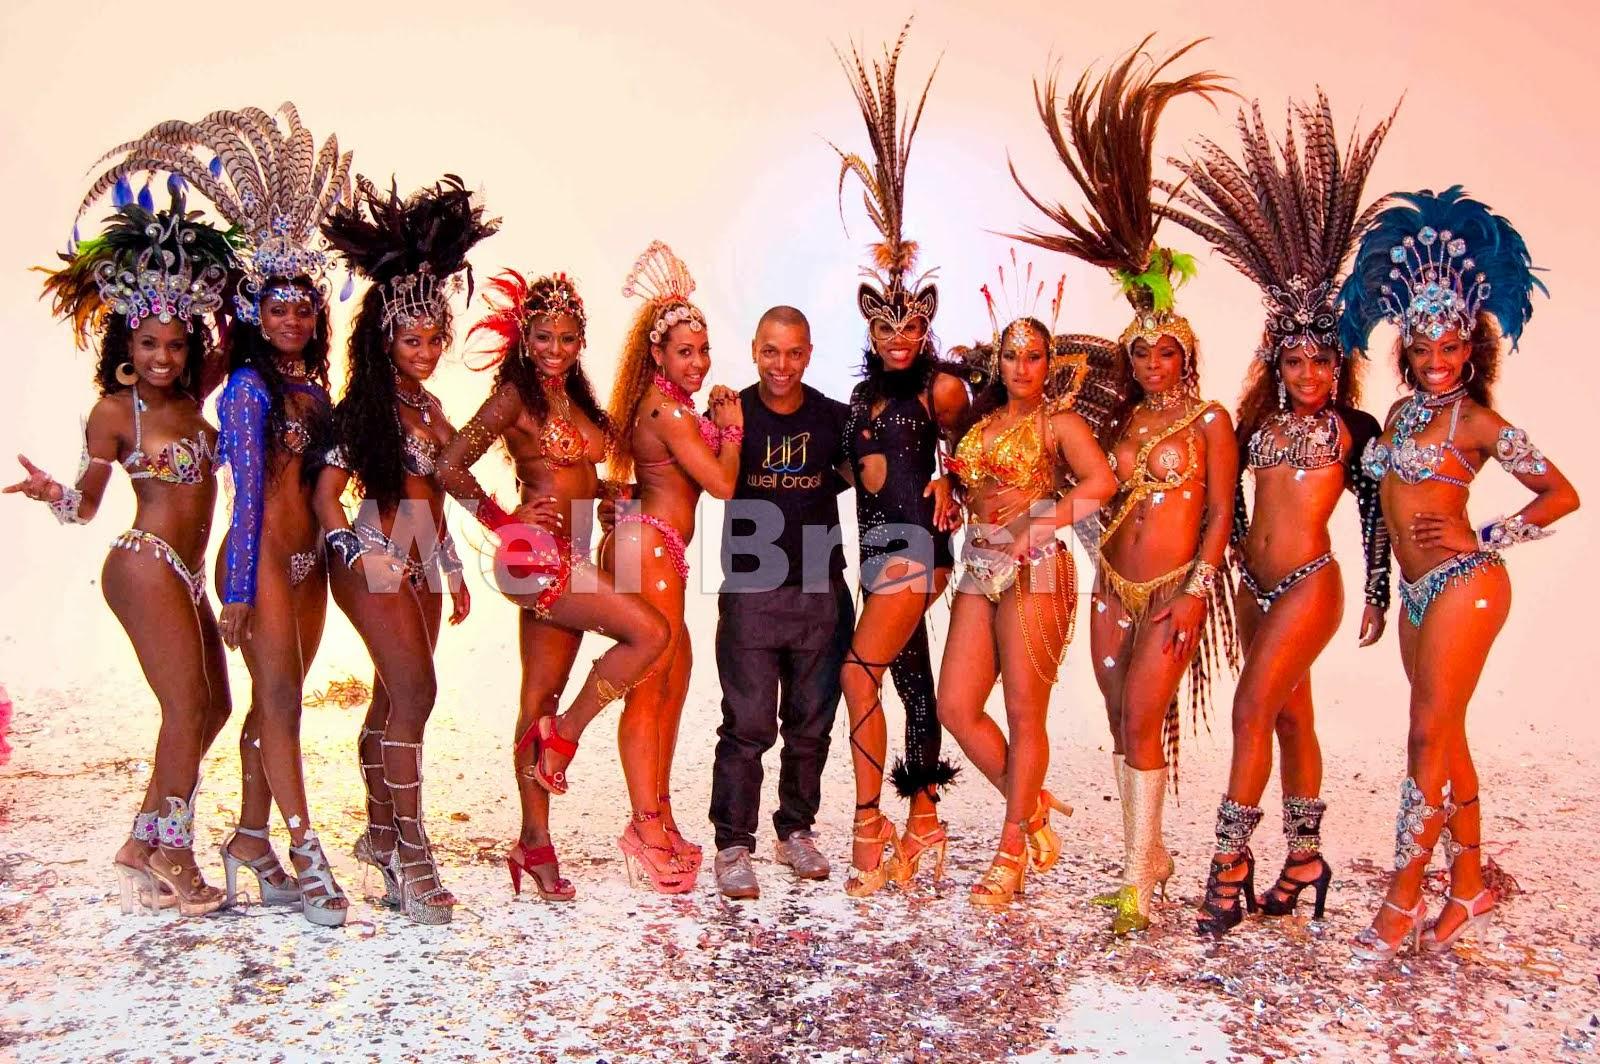 Show de Escola de Samba Well Brasil com mulatas do carnaval.